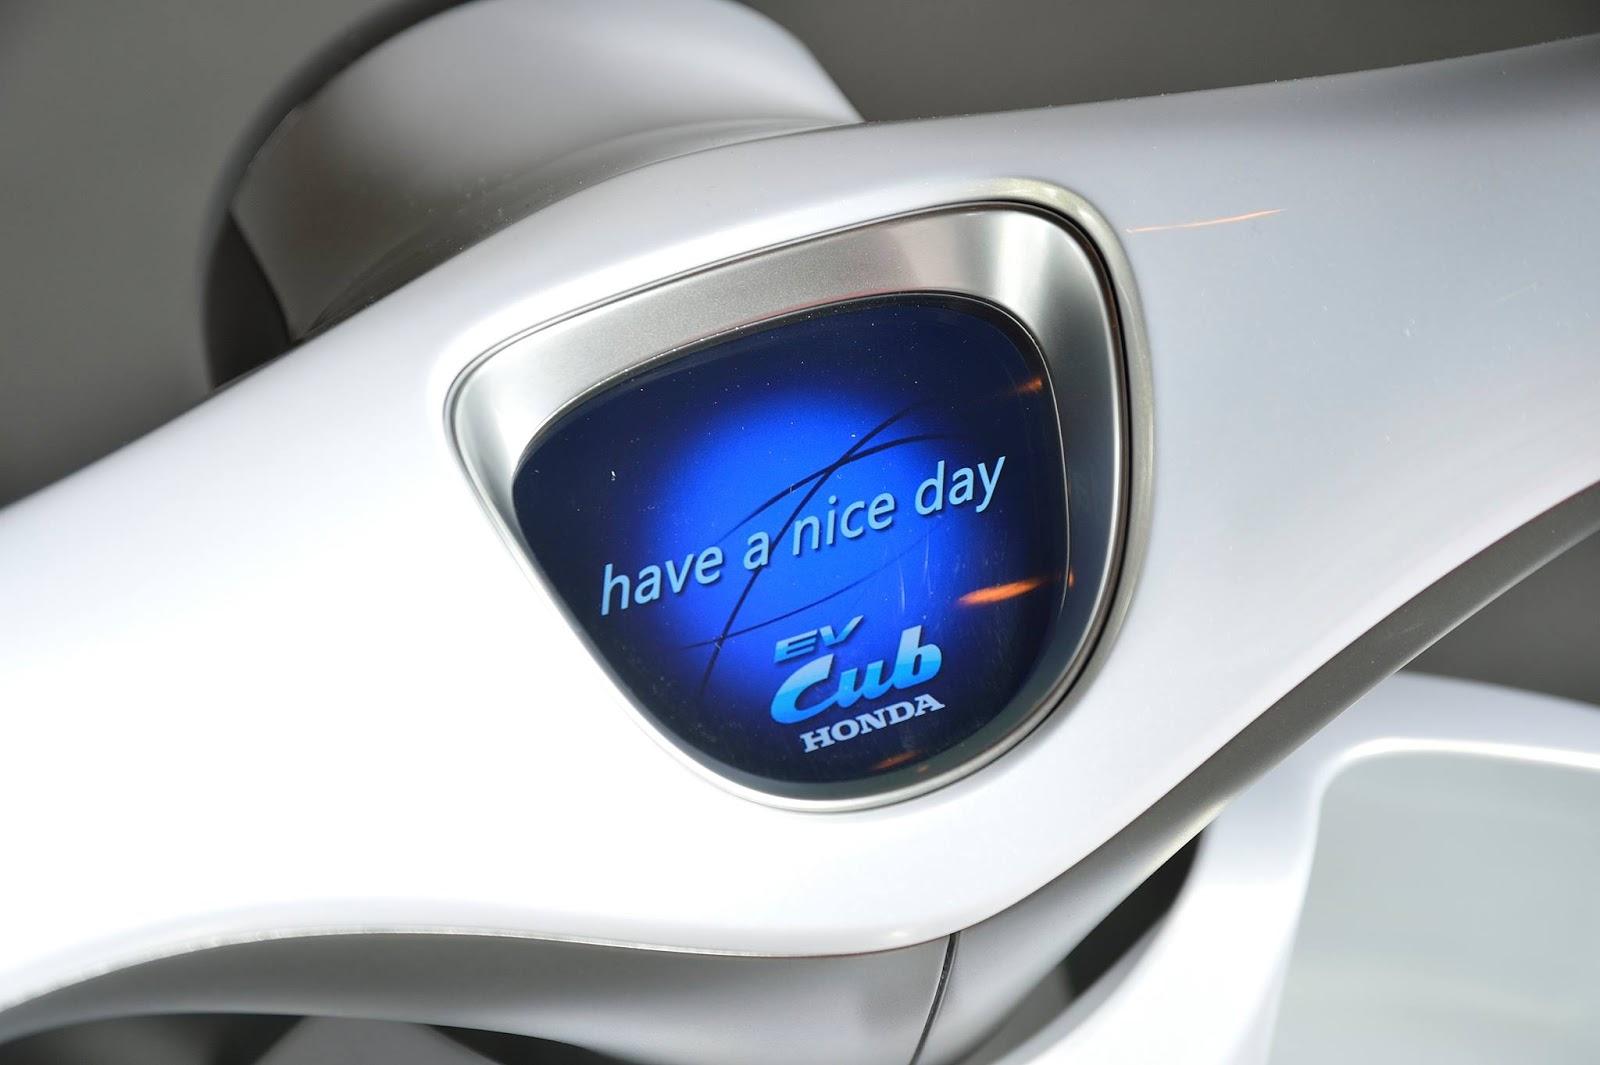 Honda EV-Cub Concept 2015 04